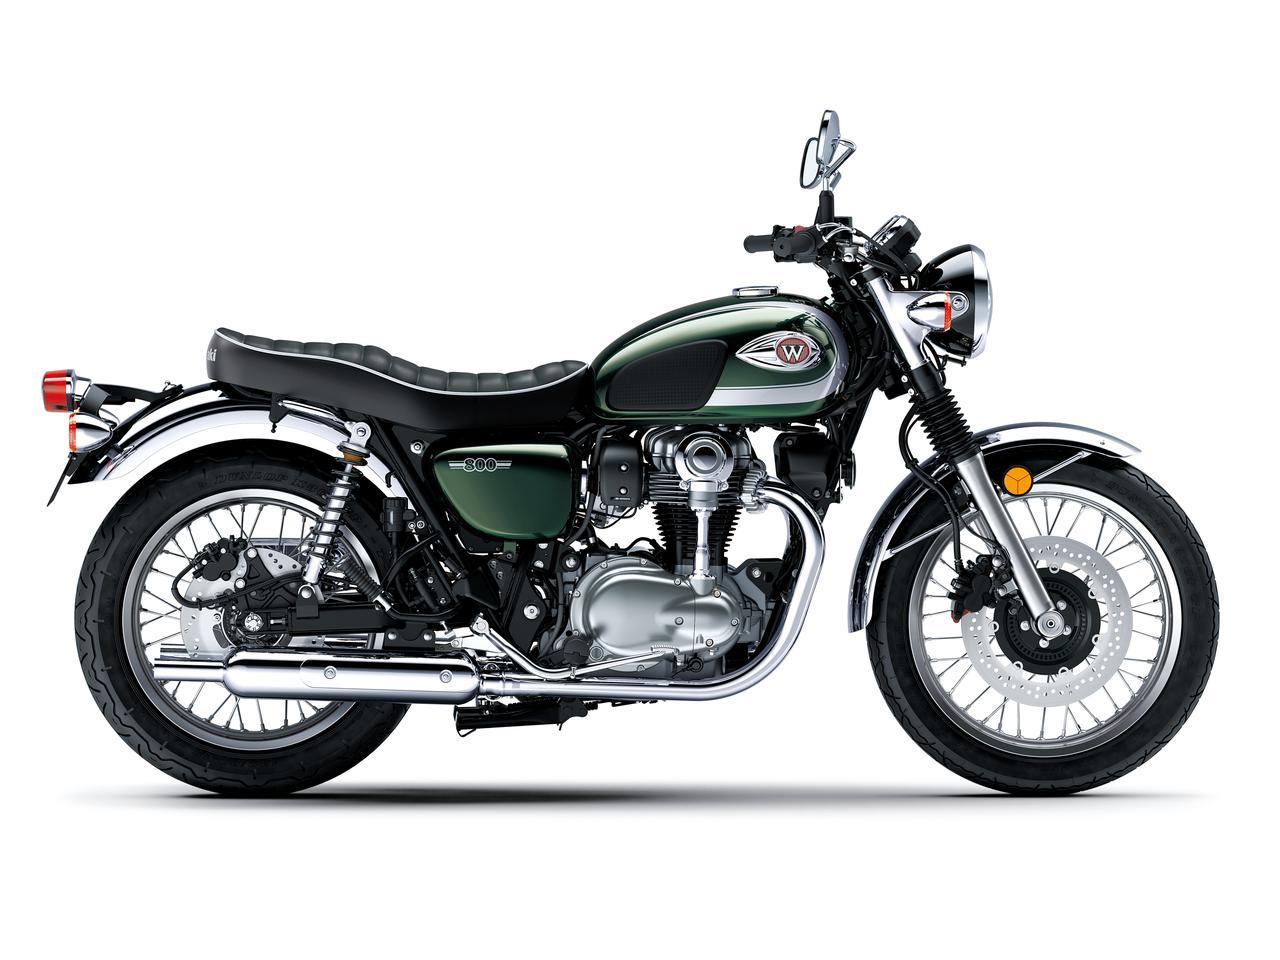 画像3: 復活を遂げたカワサキ「W800」その特長を徹底解説! 12月1日に全国のカワサキプラザで販売スタート!